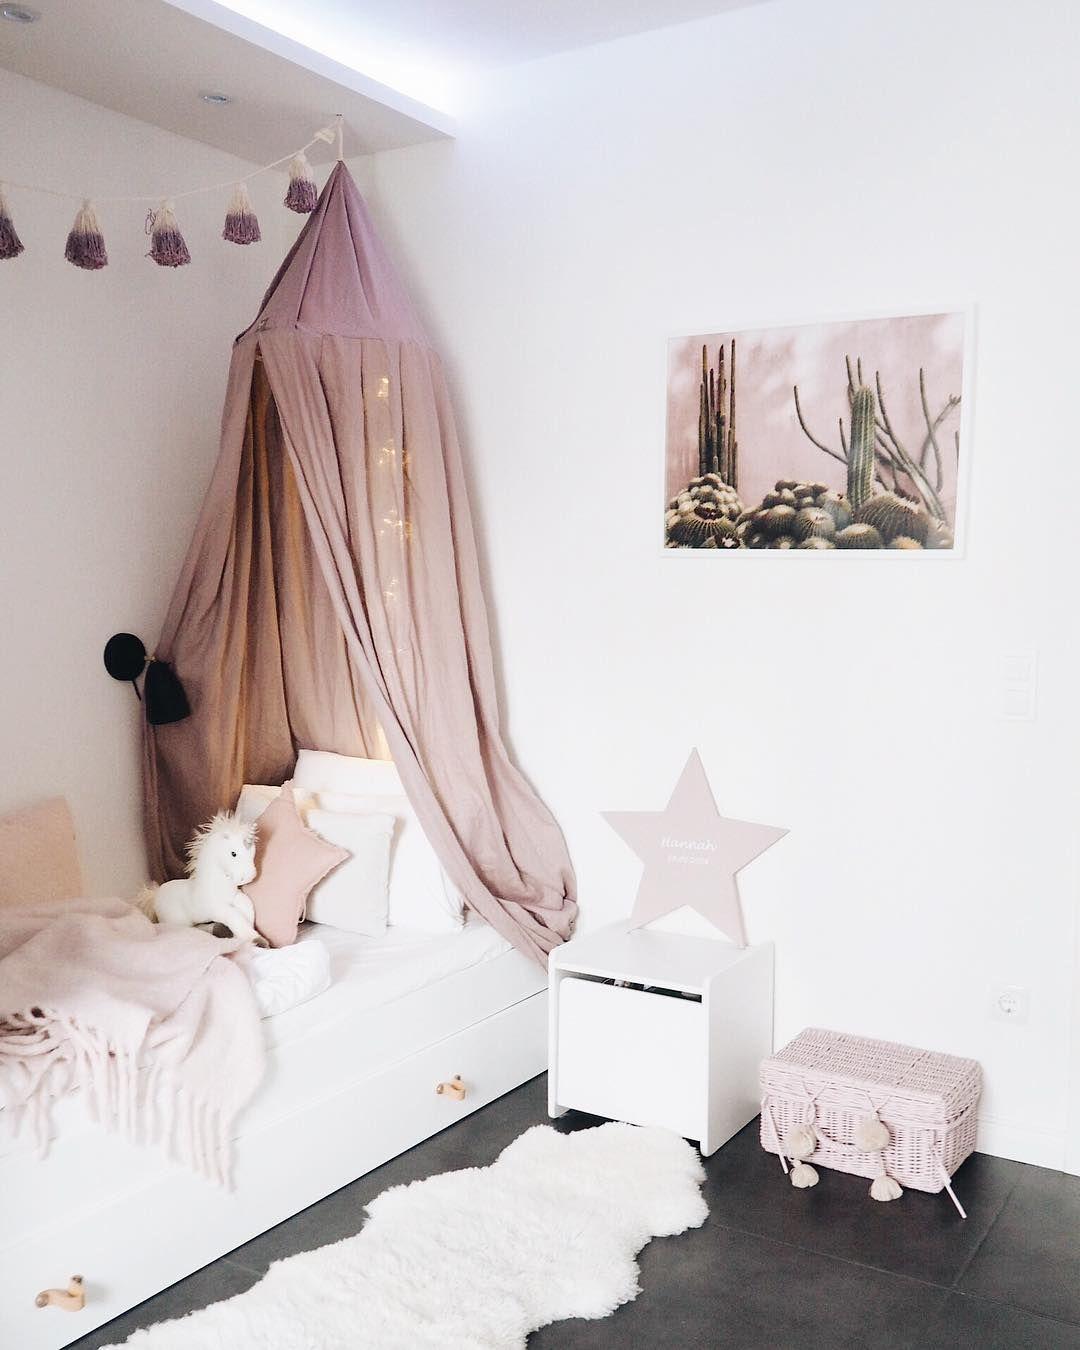 Awesome #mädchenzimmer #Girlsroom #girlsroomdecor #unicorn #einhorn #kinderzimmer  #numero74 #schleich #aufbewahrung #Bett #Mädchen #Girls #Bed #ikea #brimnes  #stern ... Nice Look